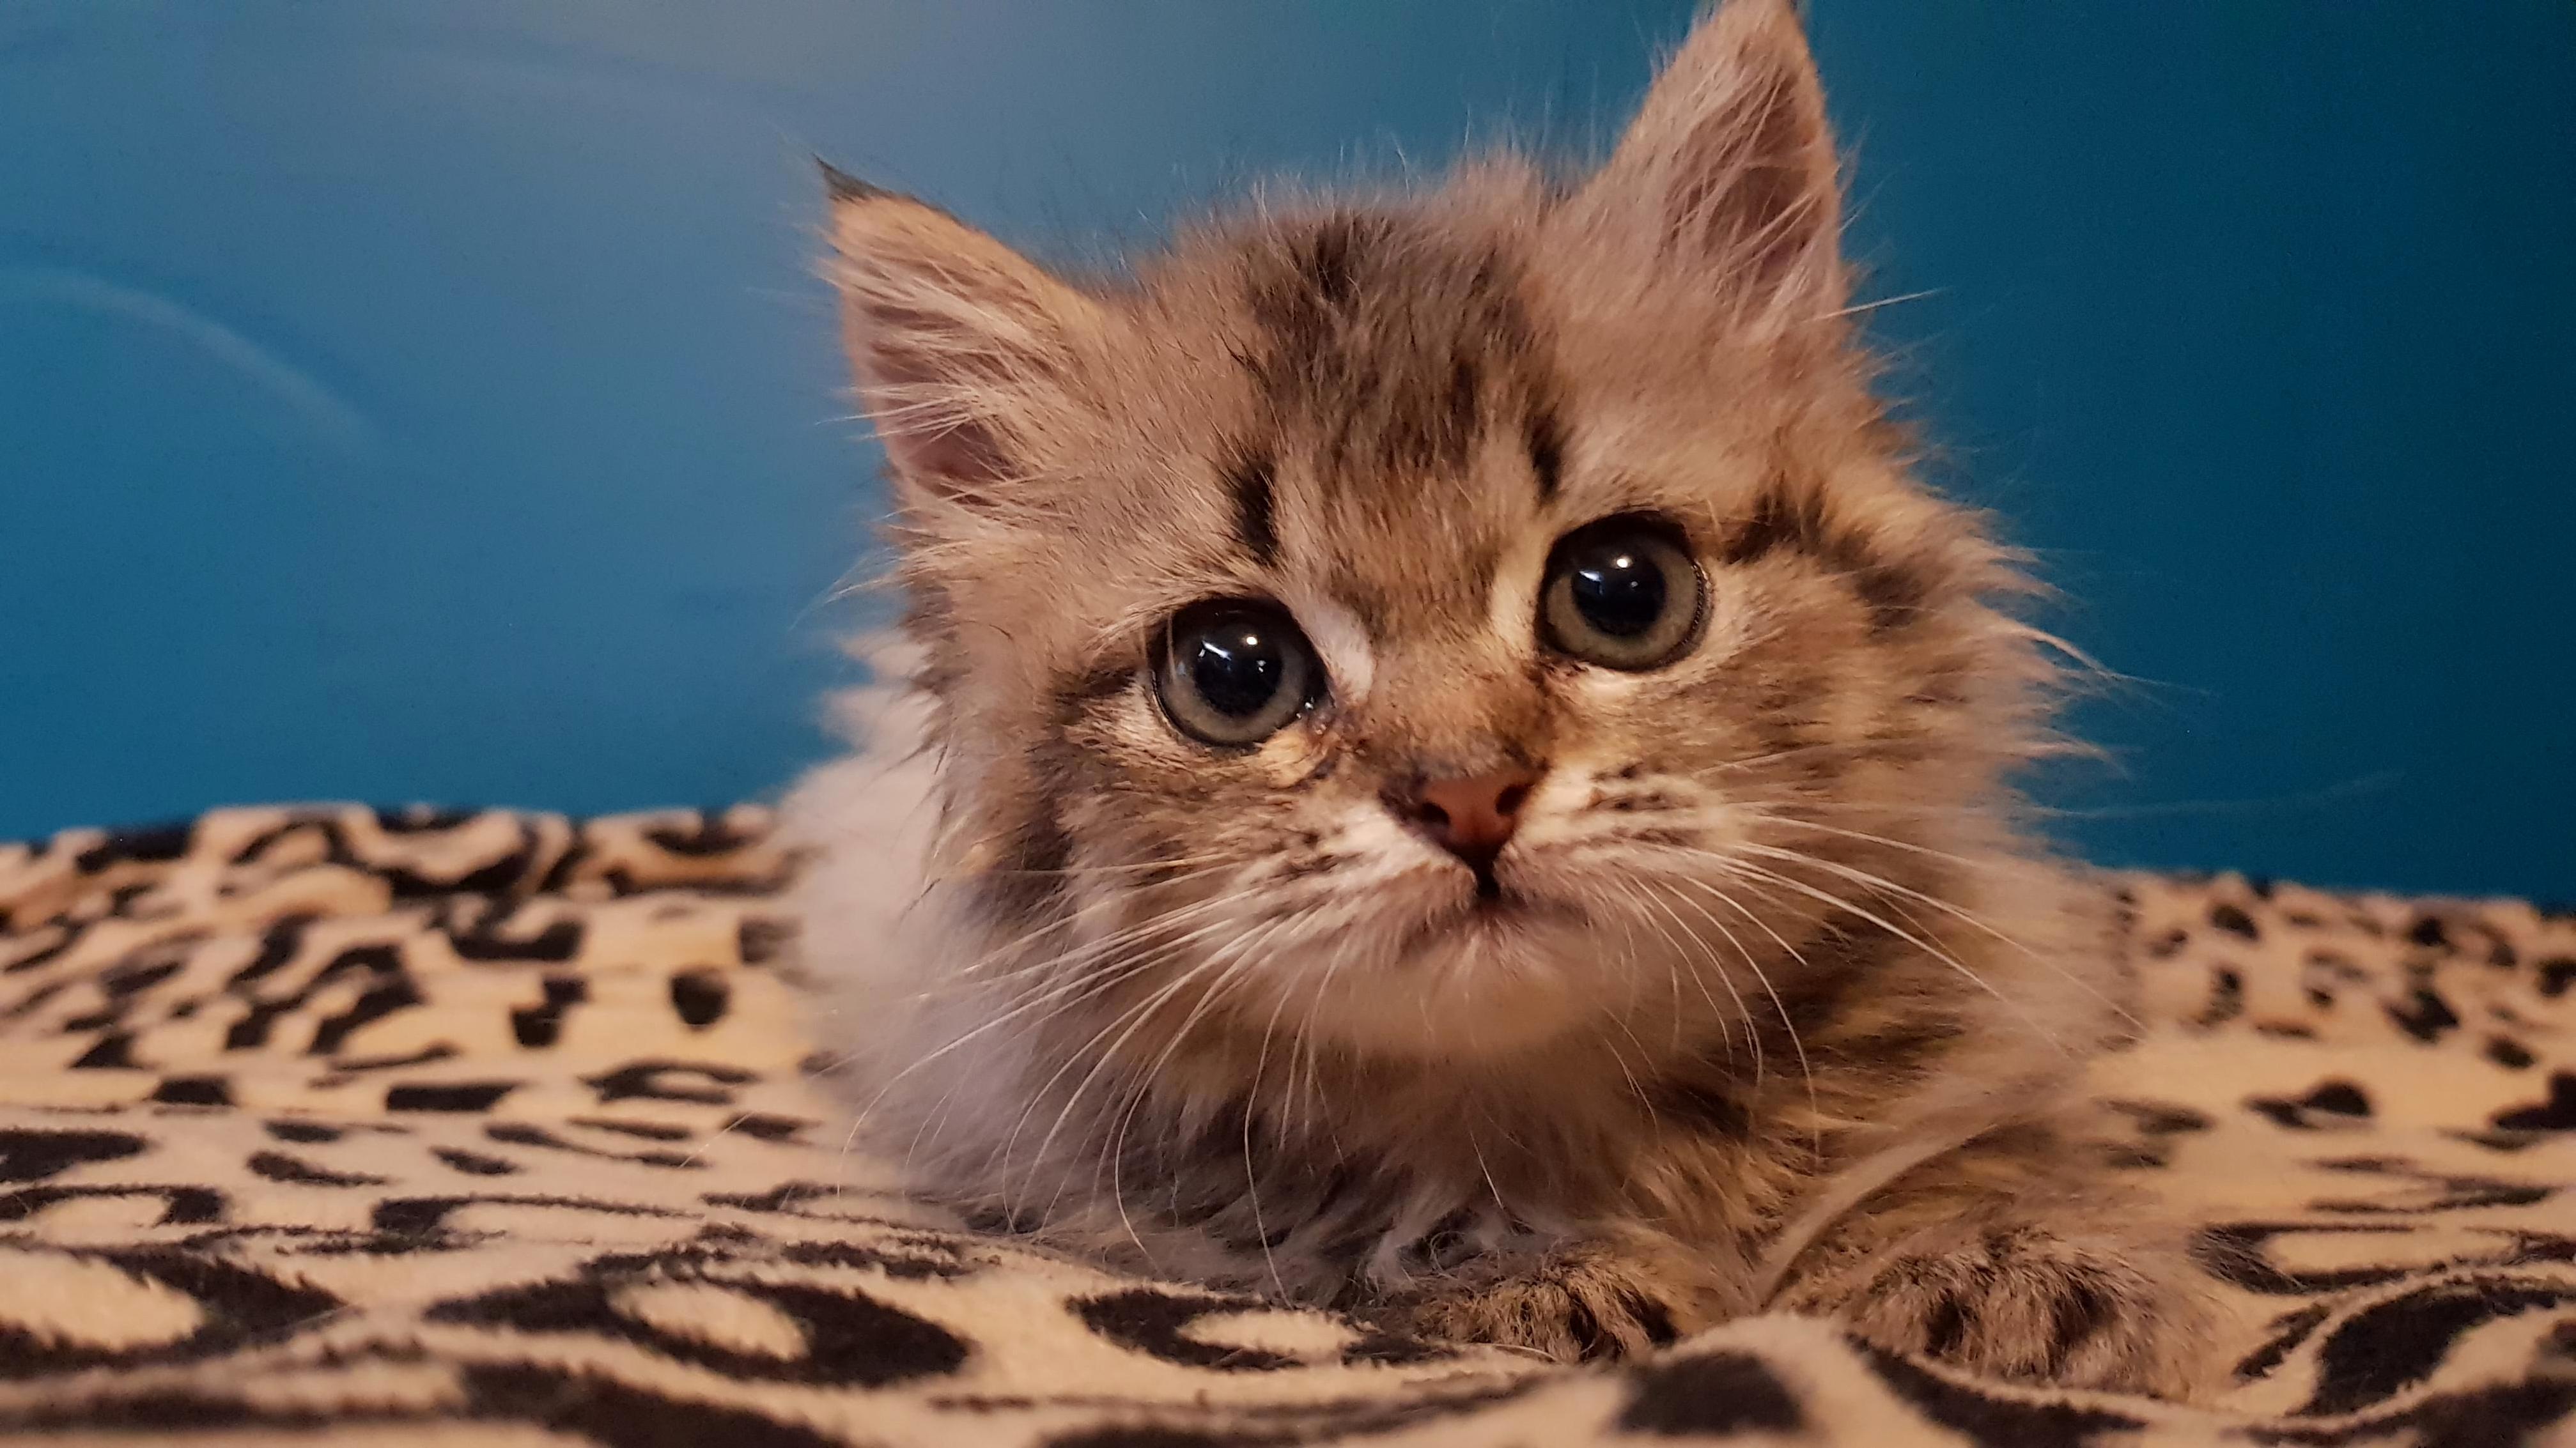 5 week old foster kitten named beachball 